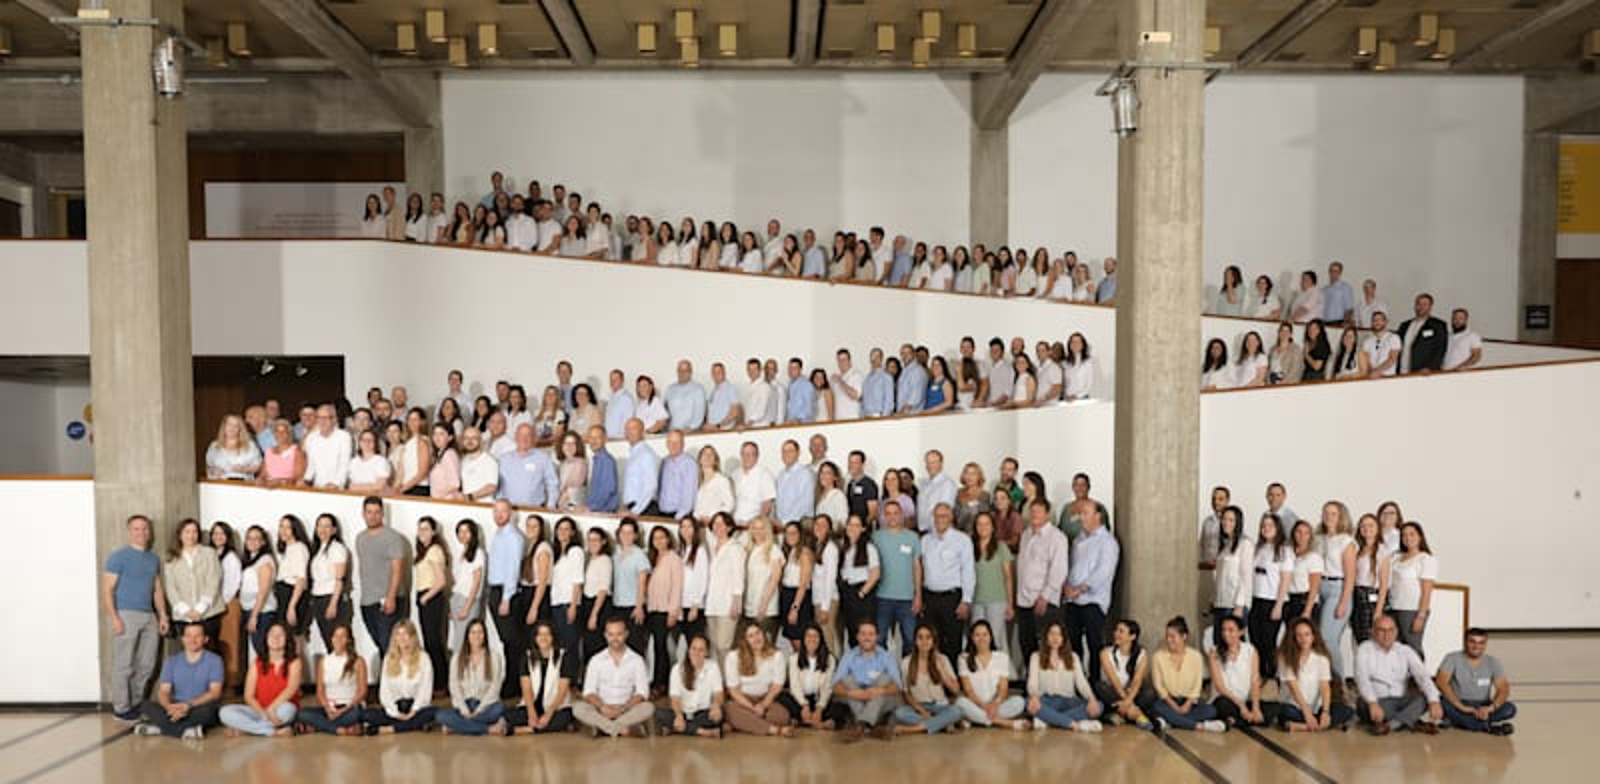 עובדי המשרד הממוזג / צילום: יוסי גמזו לטובה